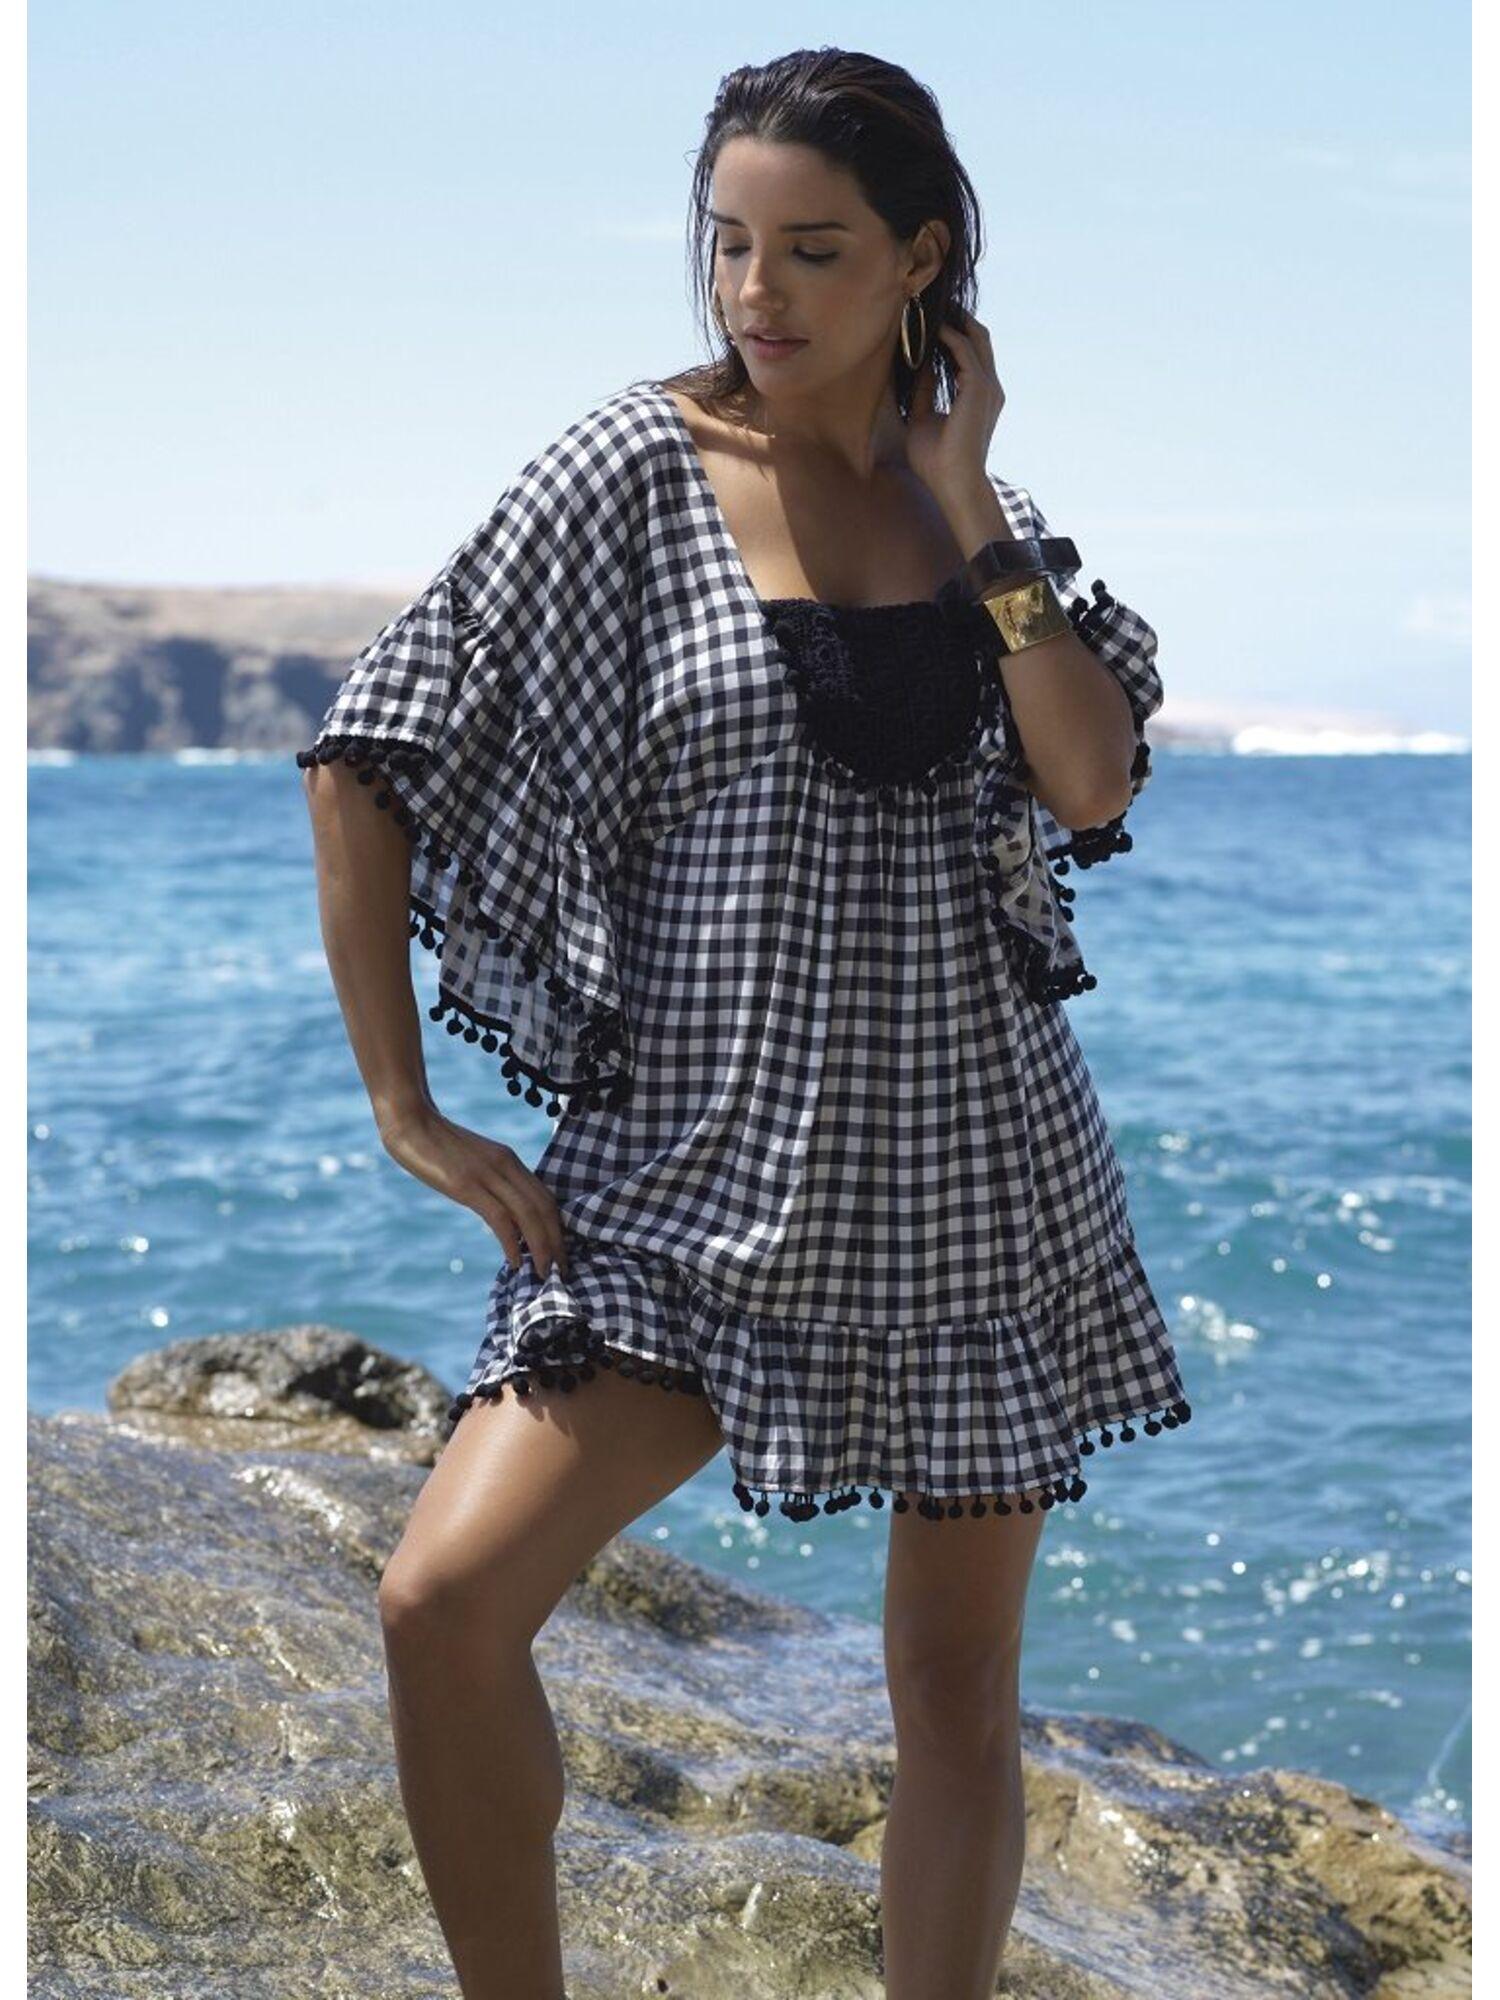 Женское платье пляжное из вискозы 85542 черный/белый, Ysabel Mora (Испания)